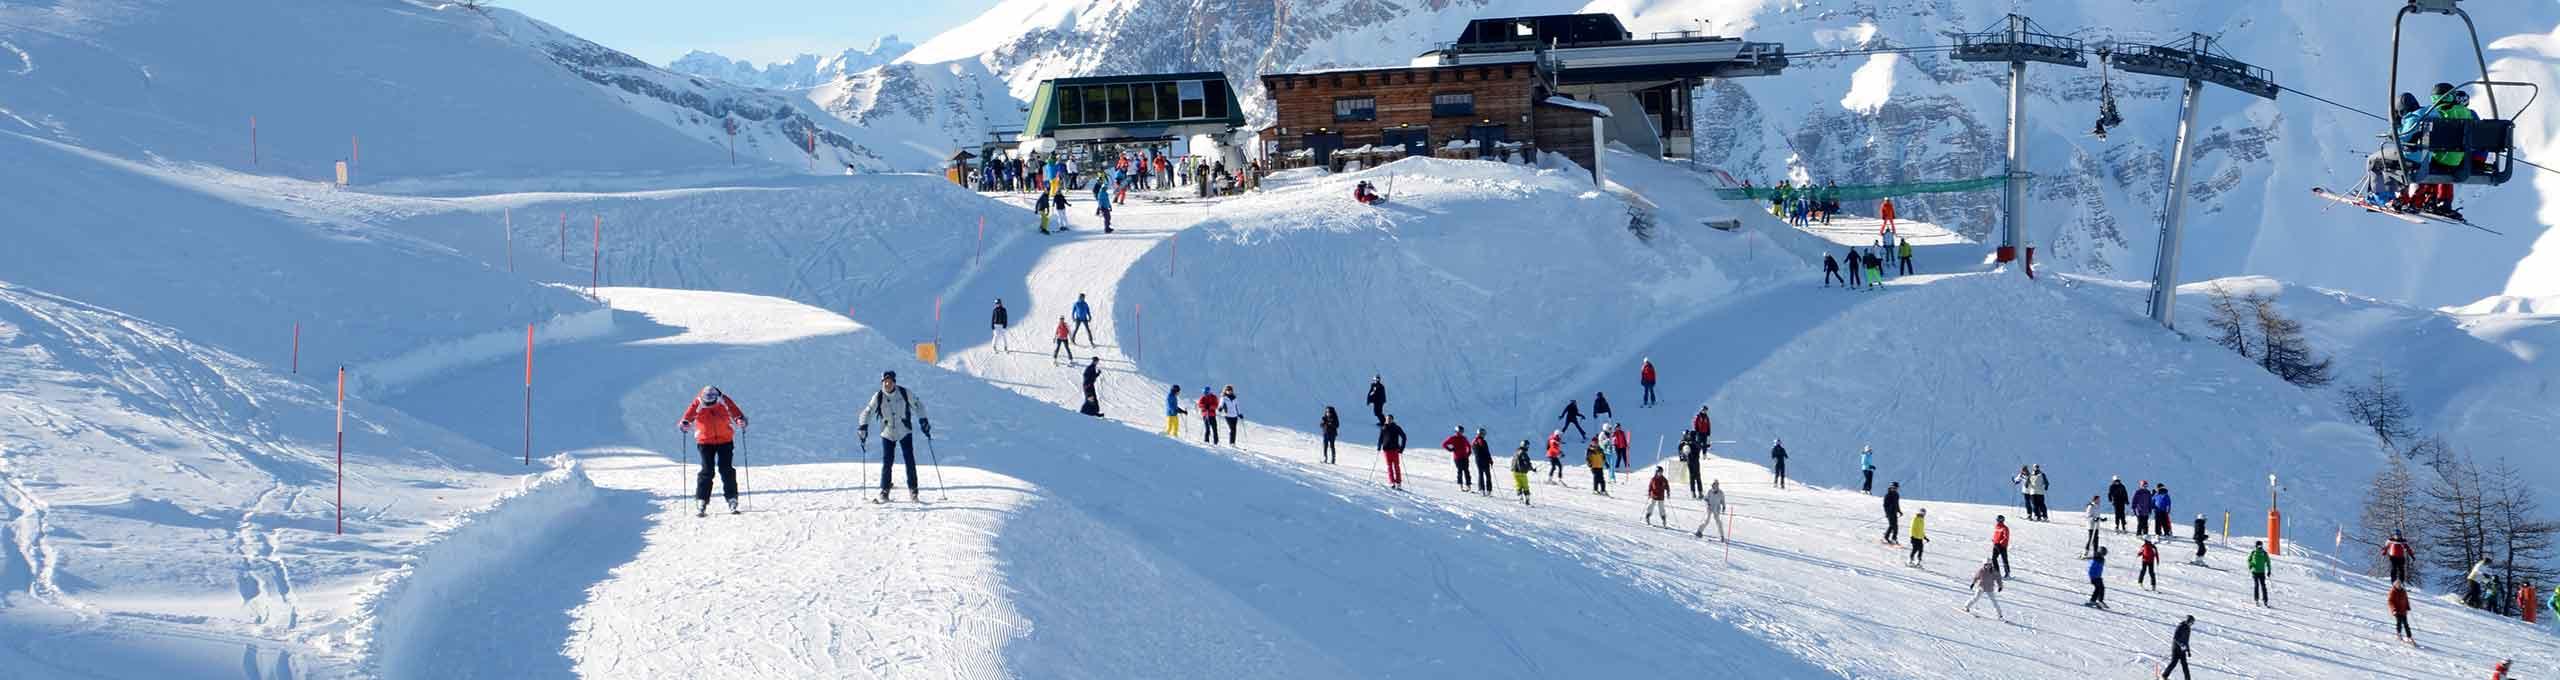 Oulx, Alta Val di Susa e Chisone